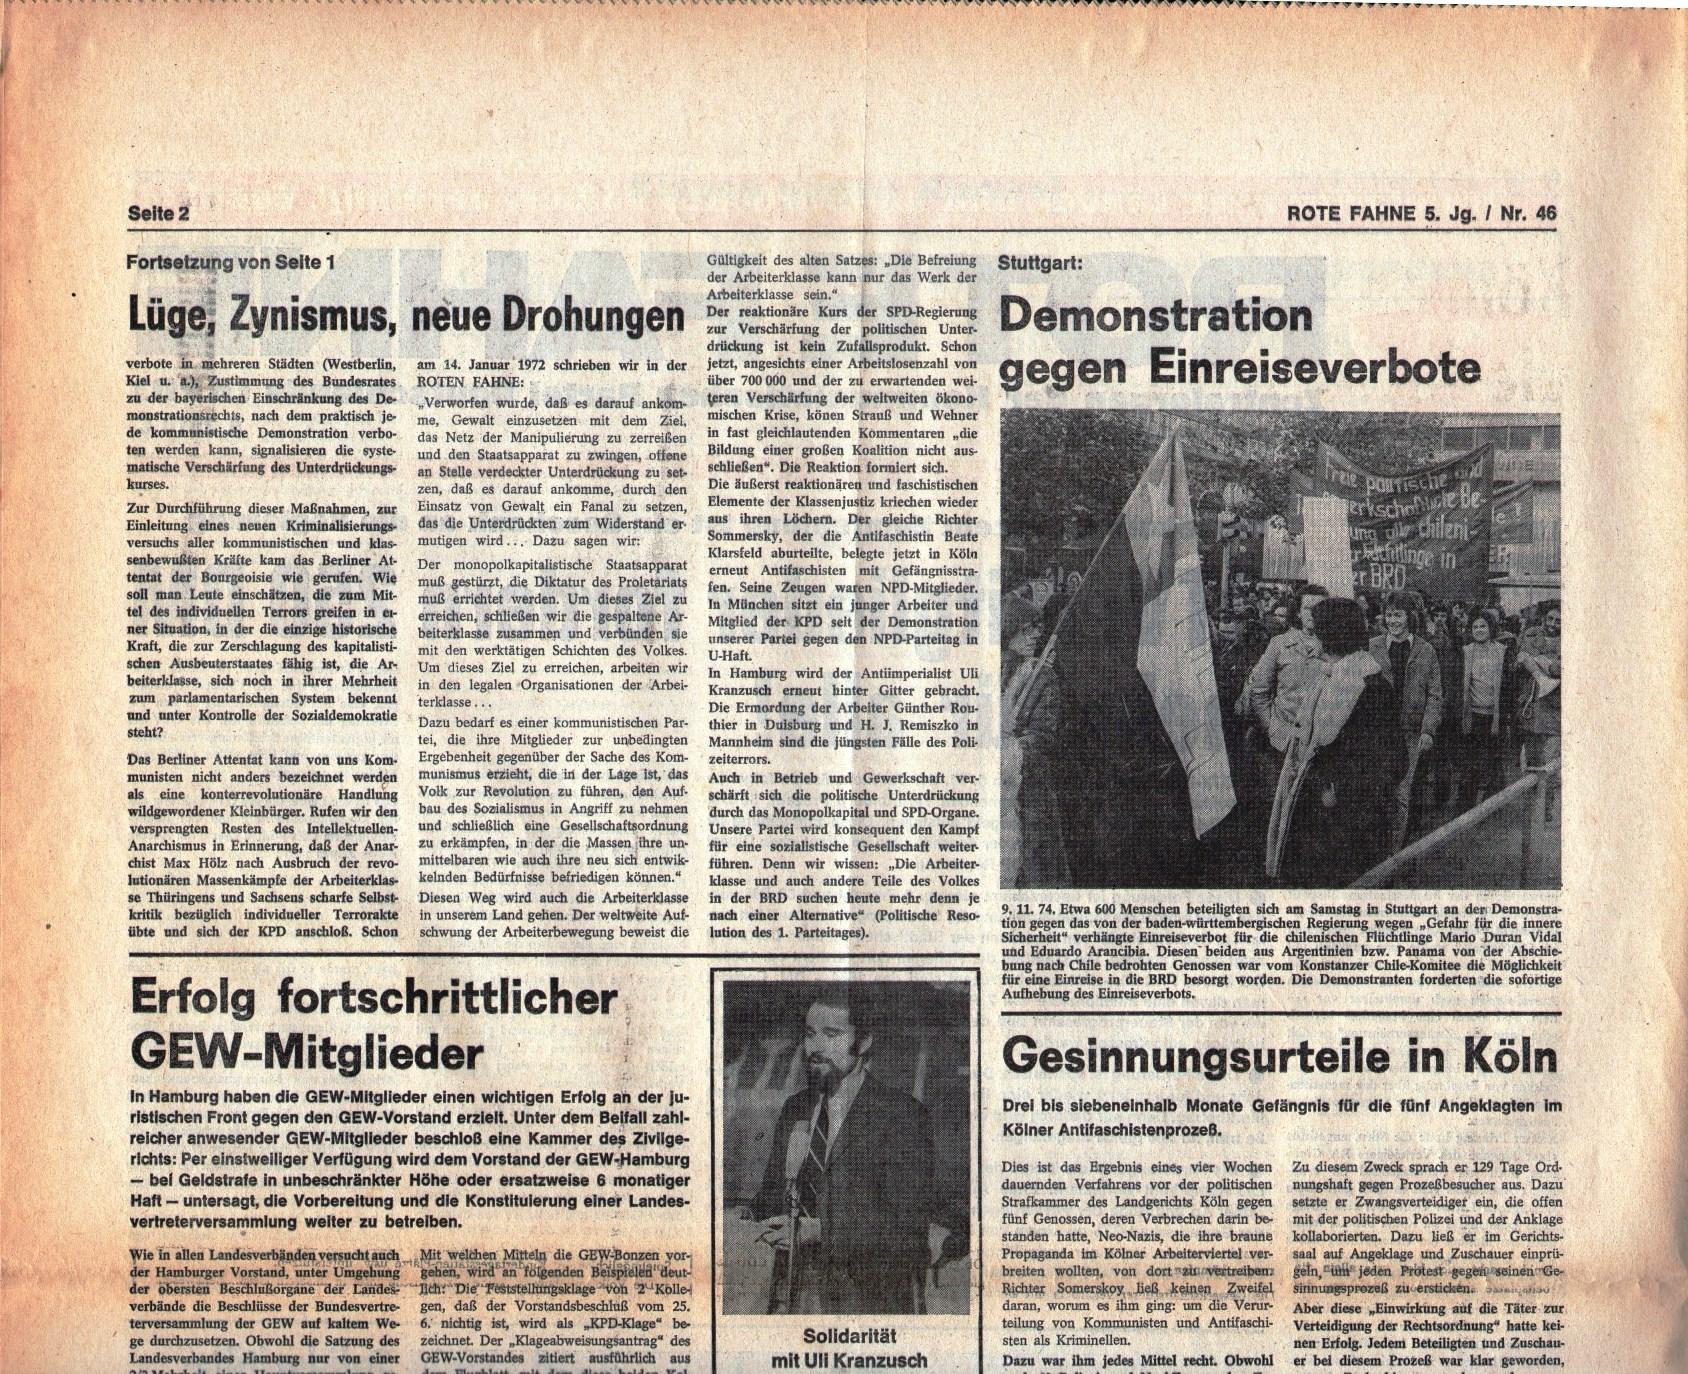 KPD_Rote_Fahne_1974_46_03